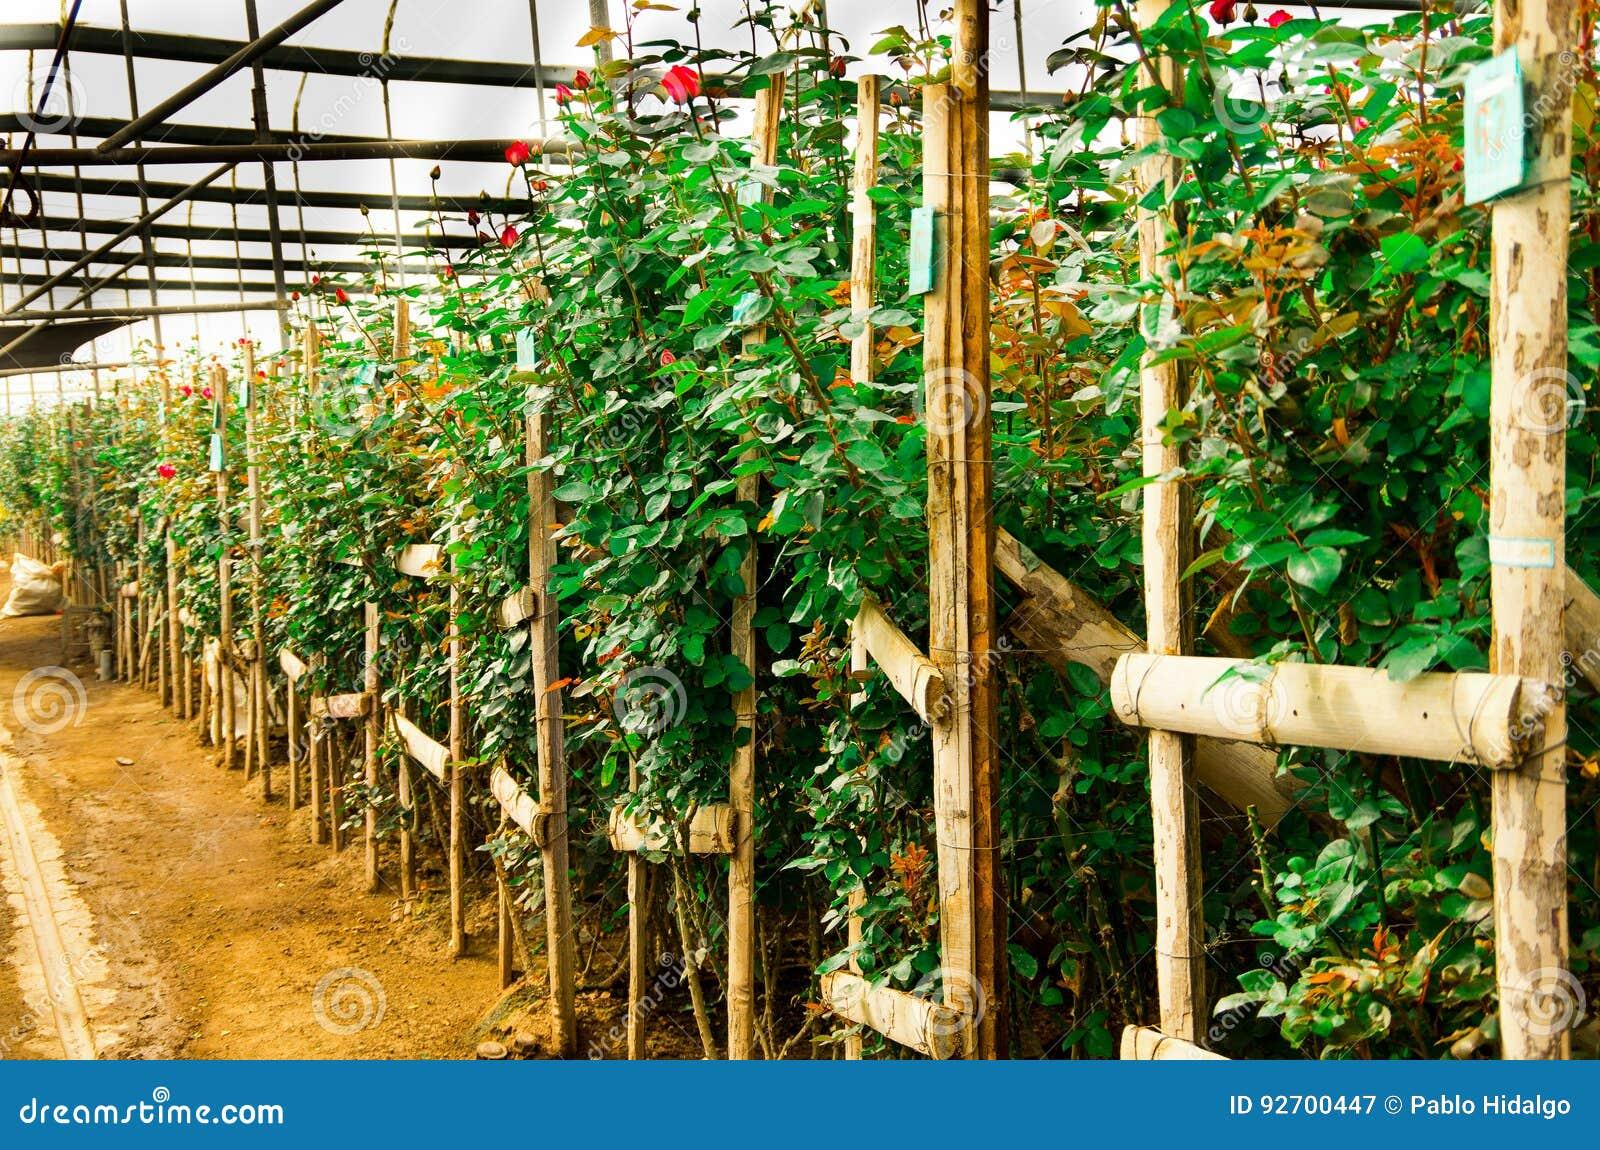 Eine Grosse Gruppe Rote Rosen In Einem Gewachshaus Stockbild Bild